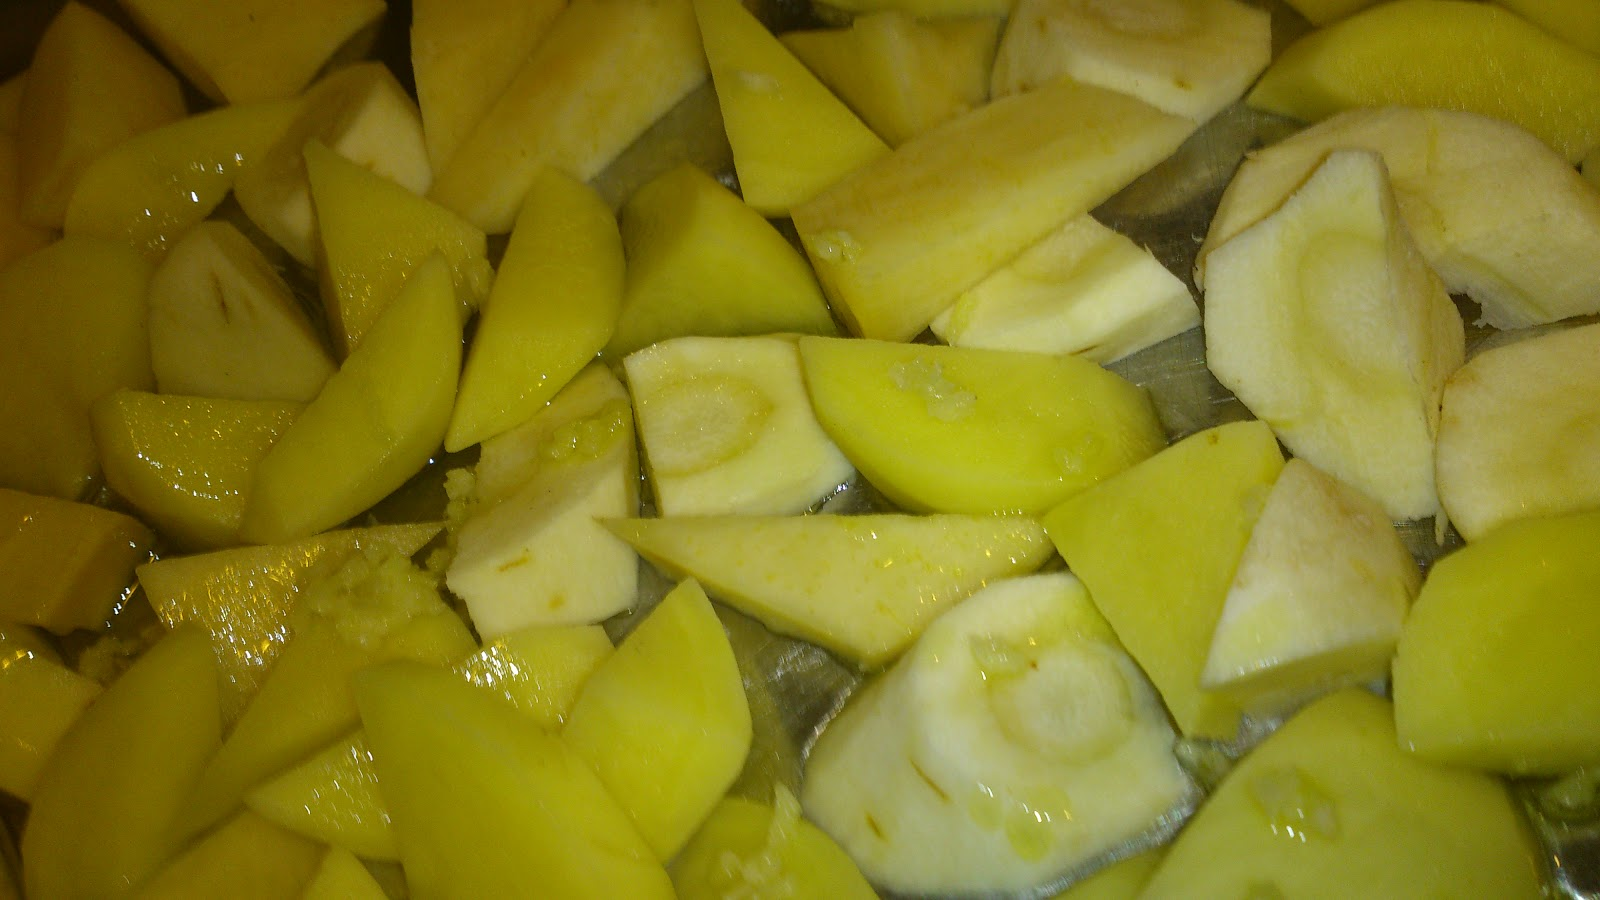 rotfrukter, potatis ekologisk